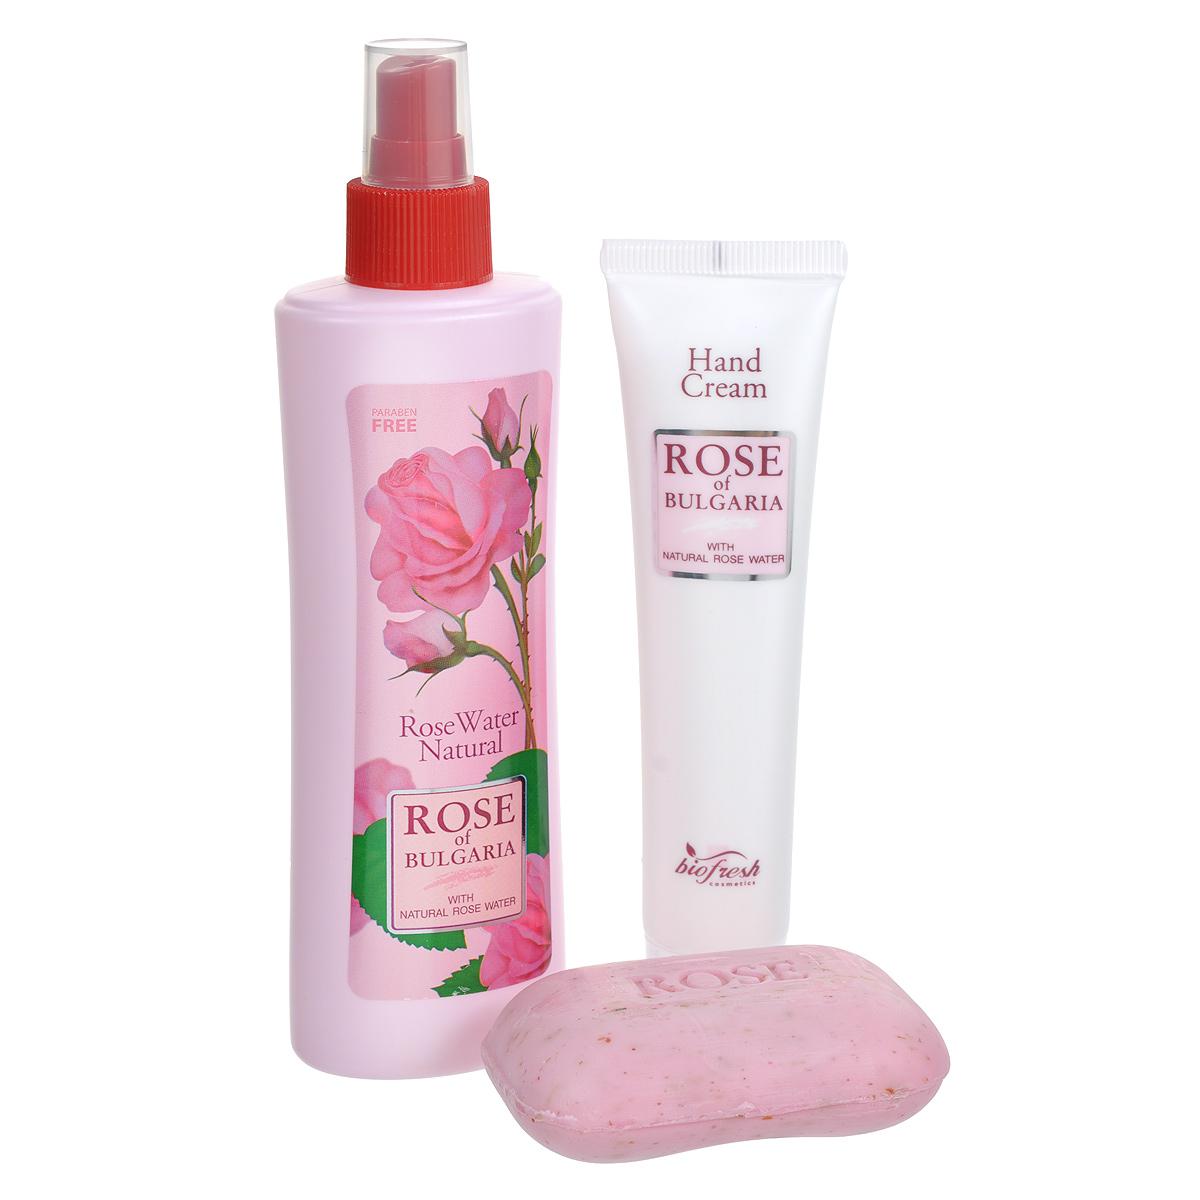 Rose of Bulgaria ���������� ����� �2: ����������� ������� ����, ���� � ��������� ��������� ���, ���� ��� ���